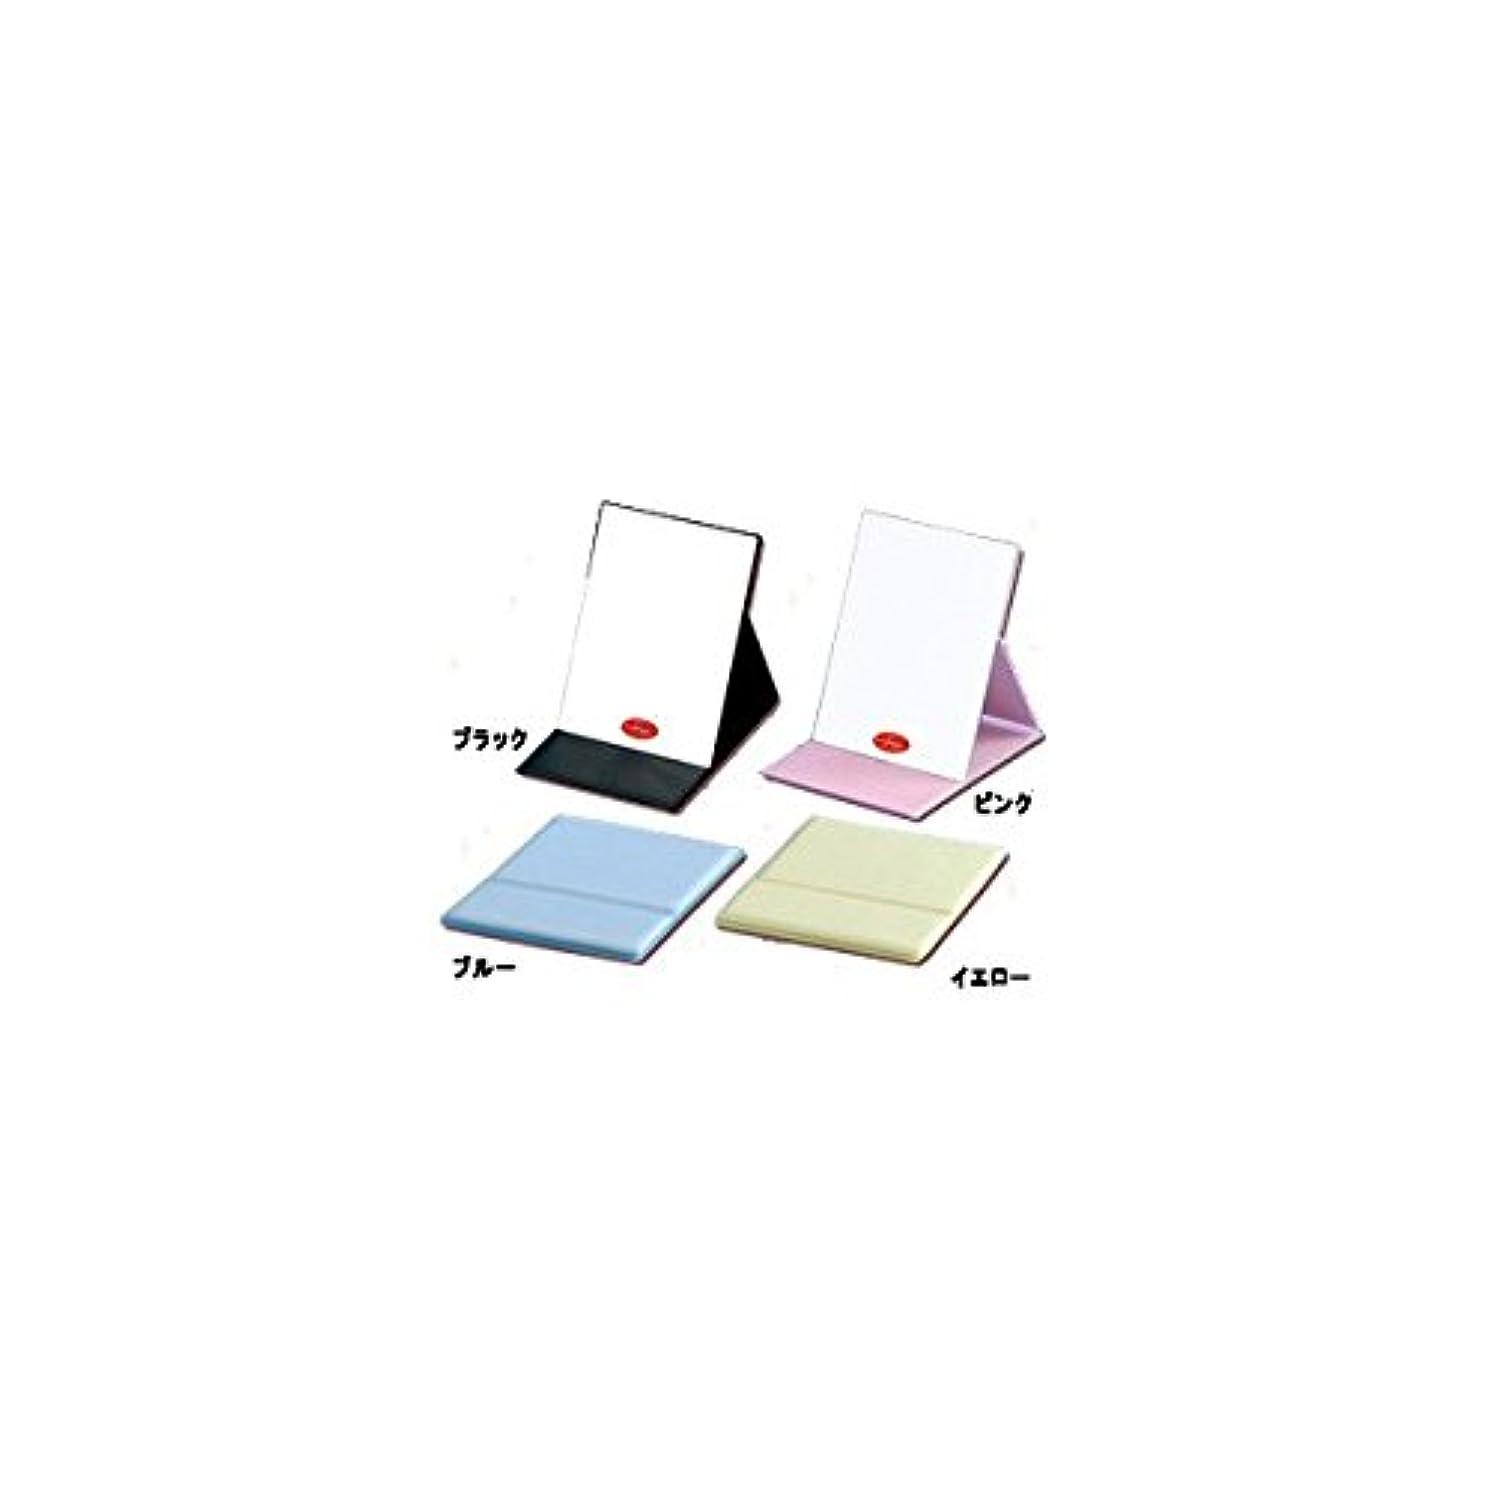 ベスビオ山見る人無謀ナピュア プロモデル カラーバージョン折立ミラー M ピンク